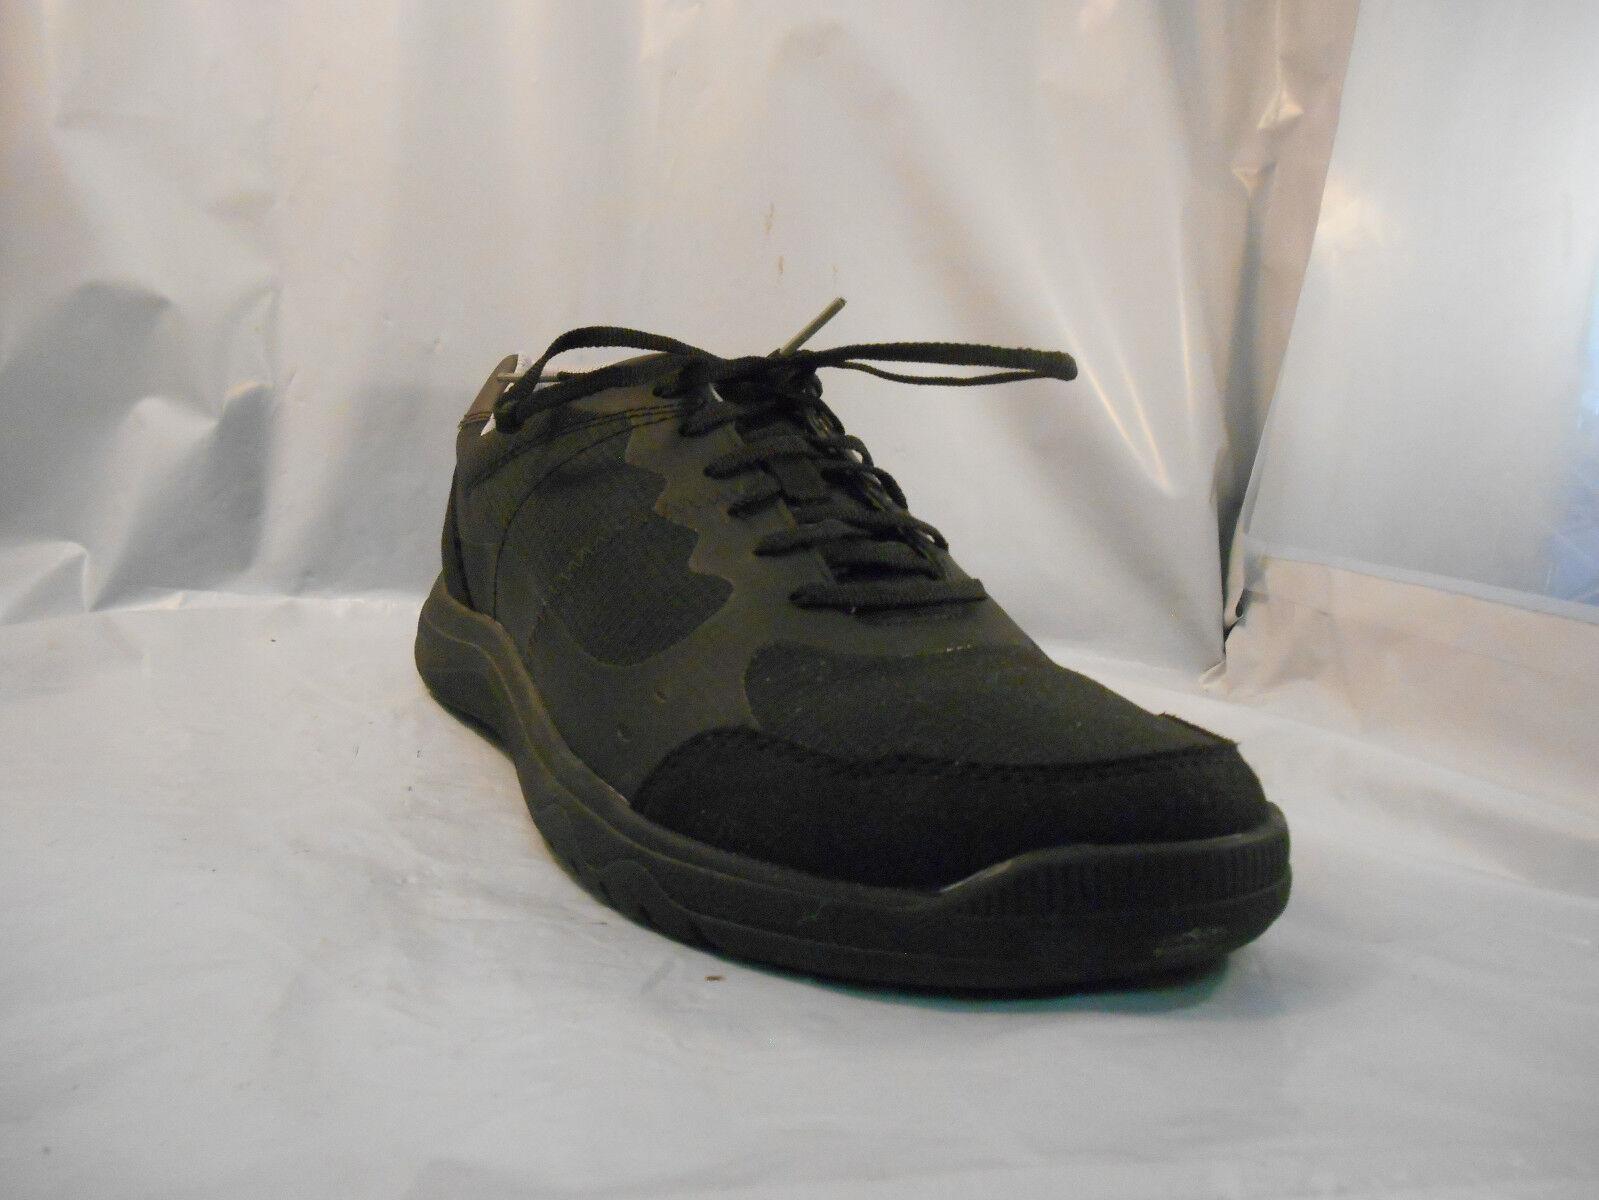 Clarks Cloud Steppers Votta Edge Black Sneakers Athletic shoes Men's Size 9 M